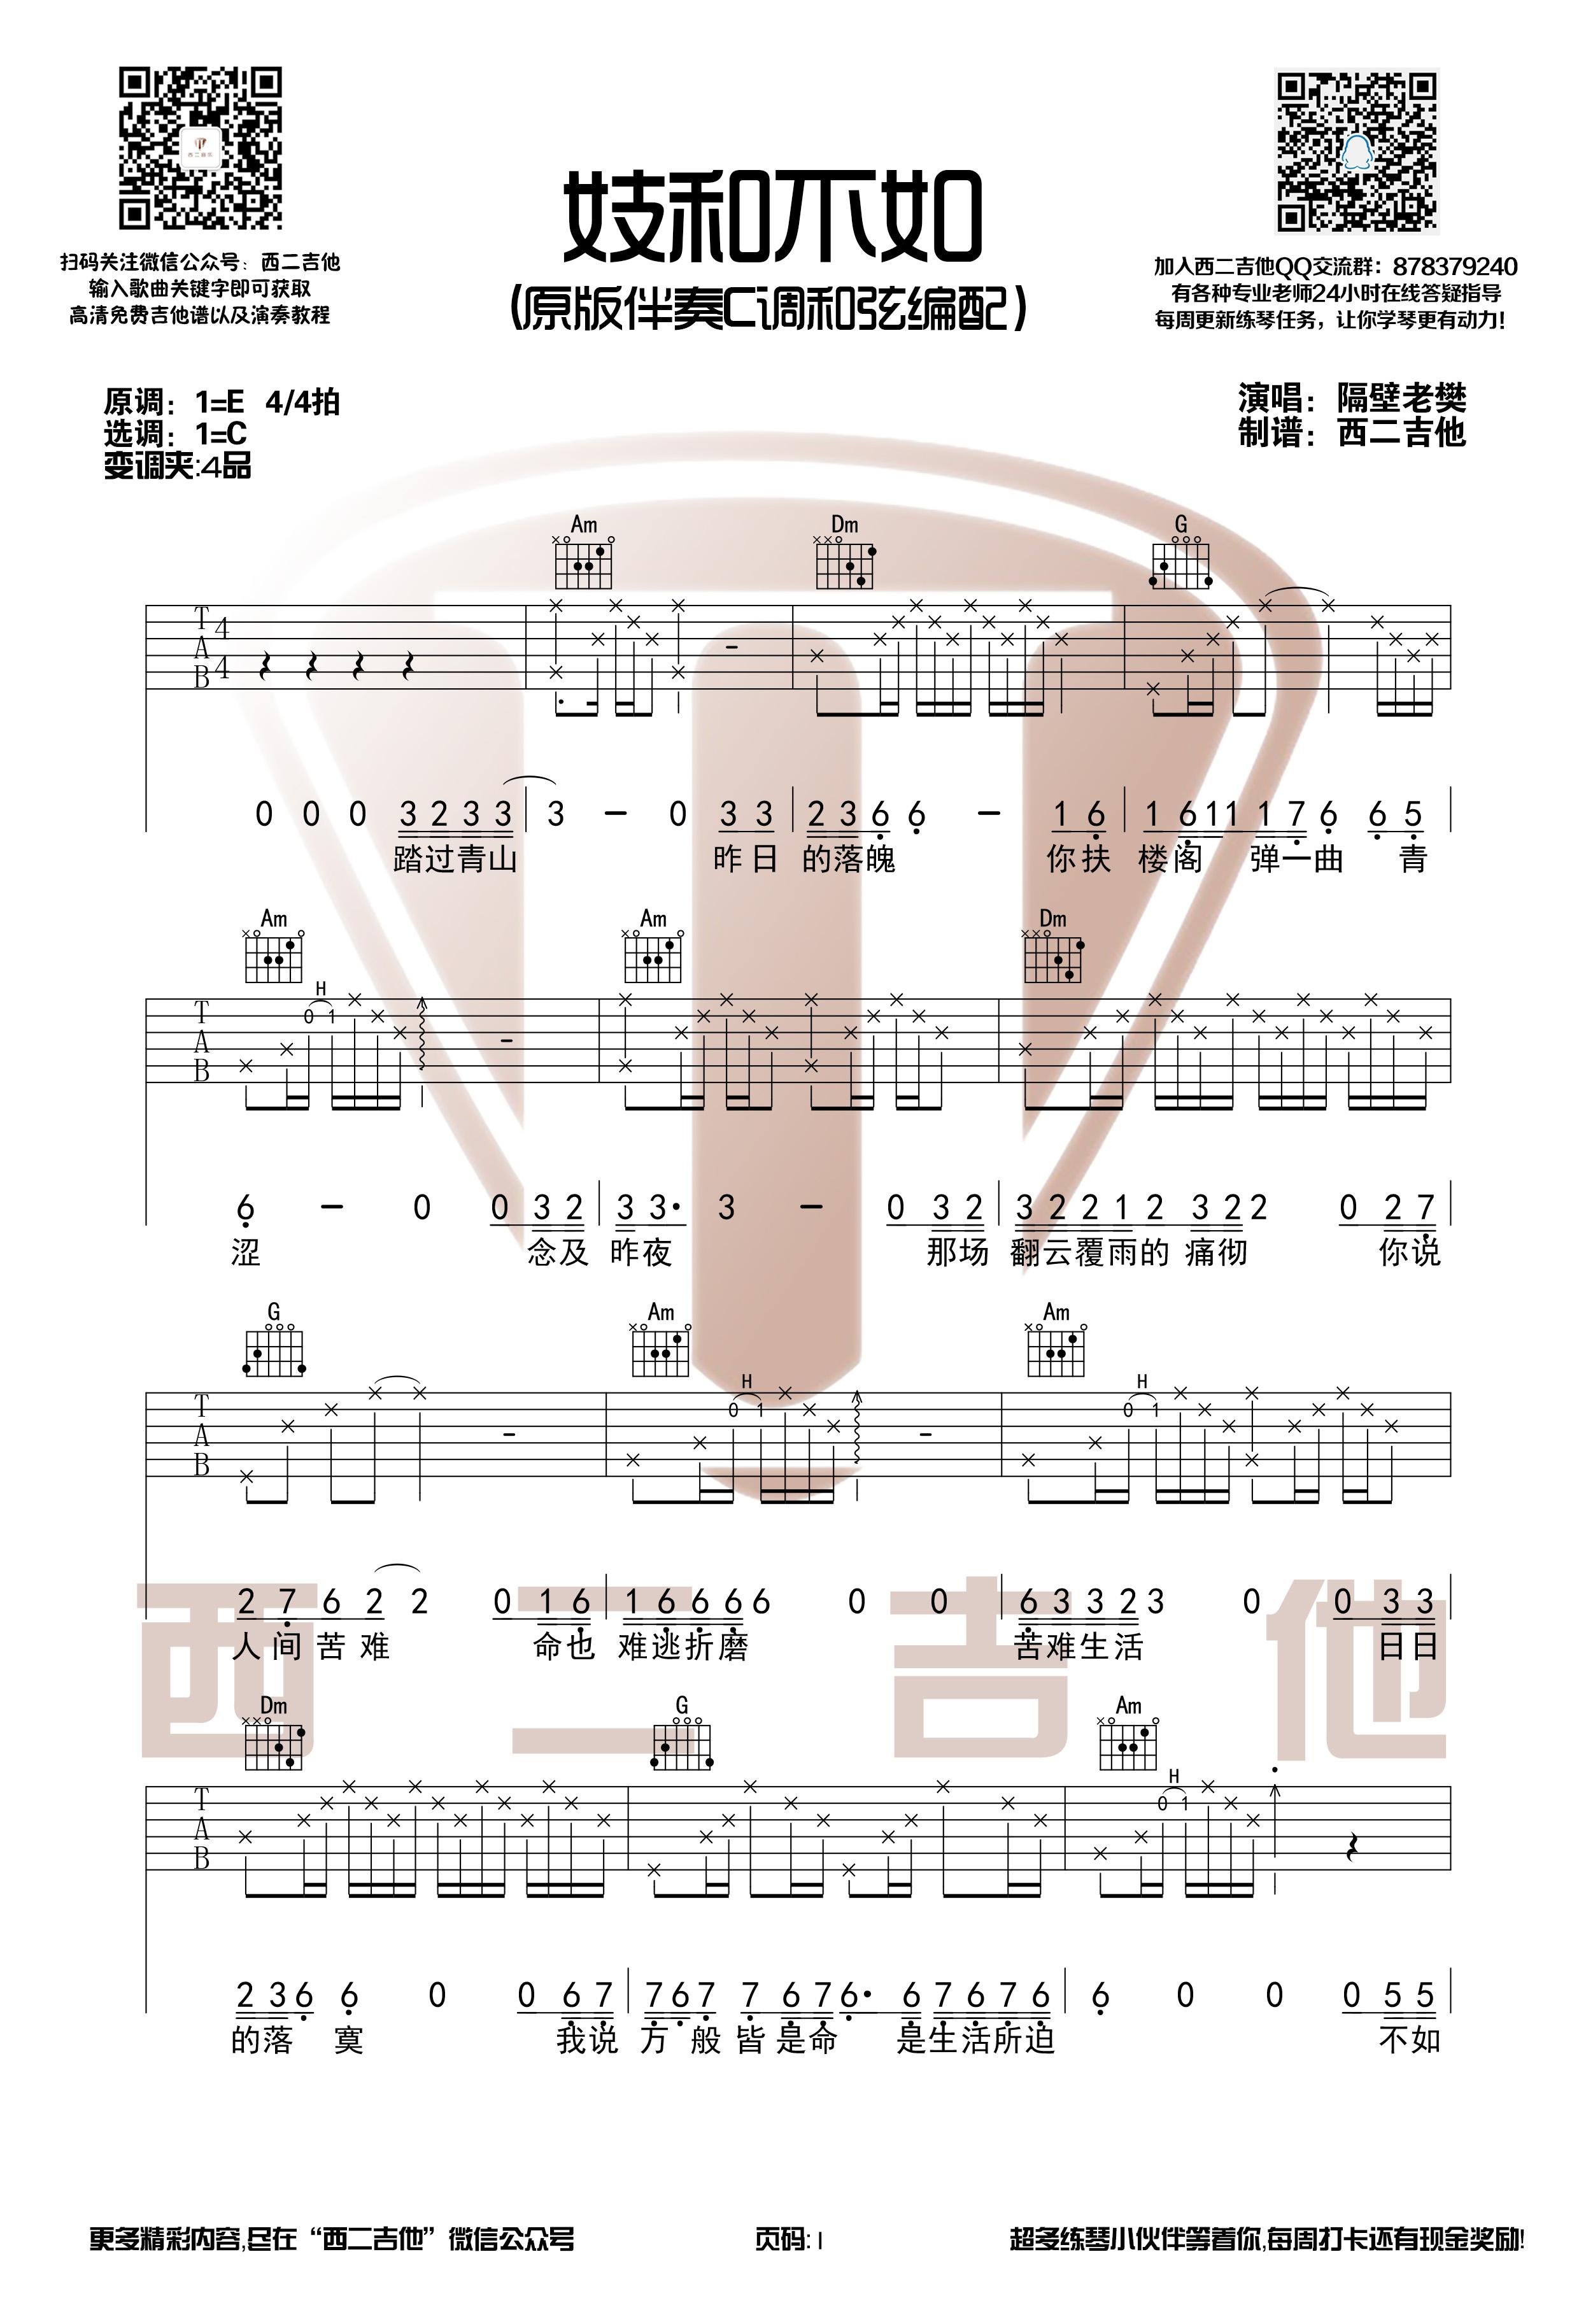 妓和不如-隔壁老樊-图片吉他谱-1